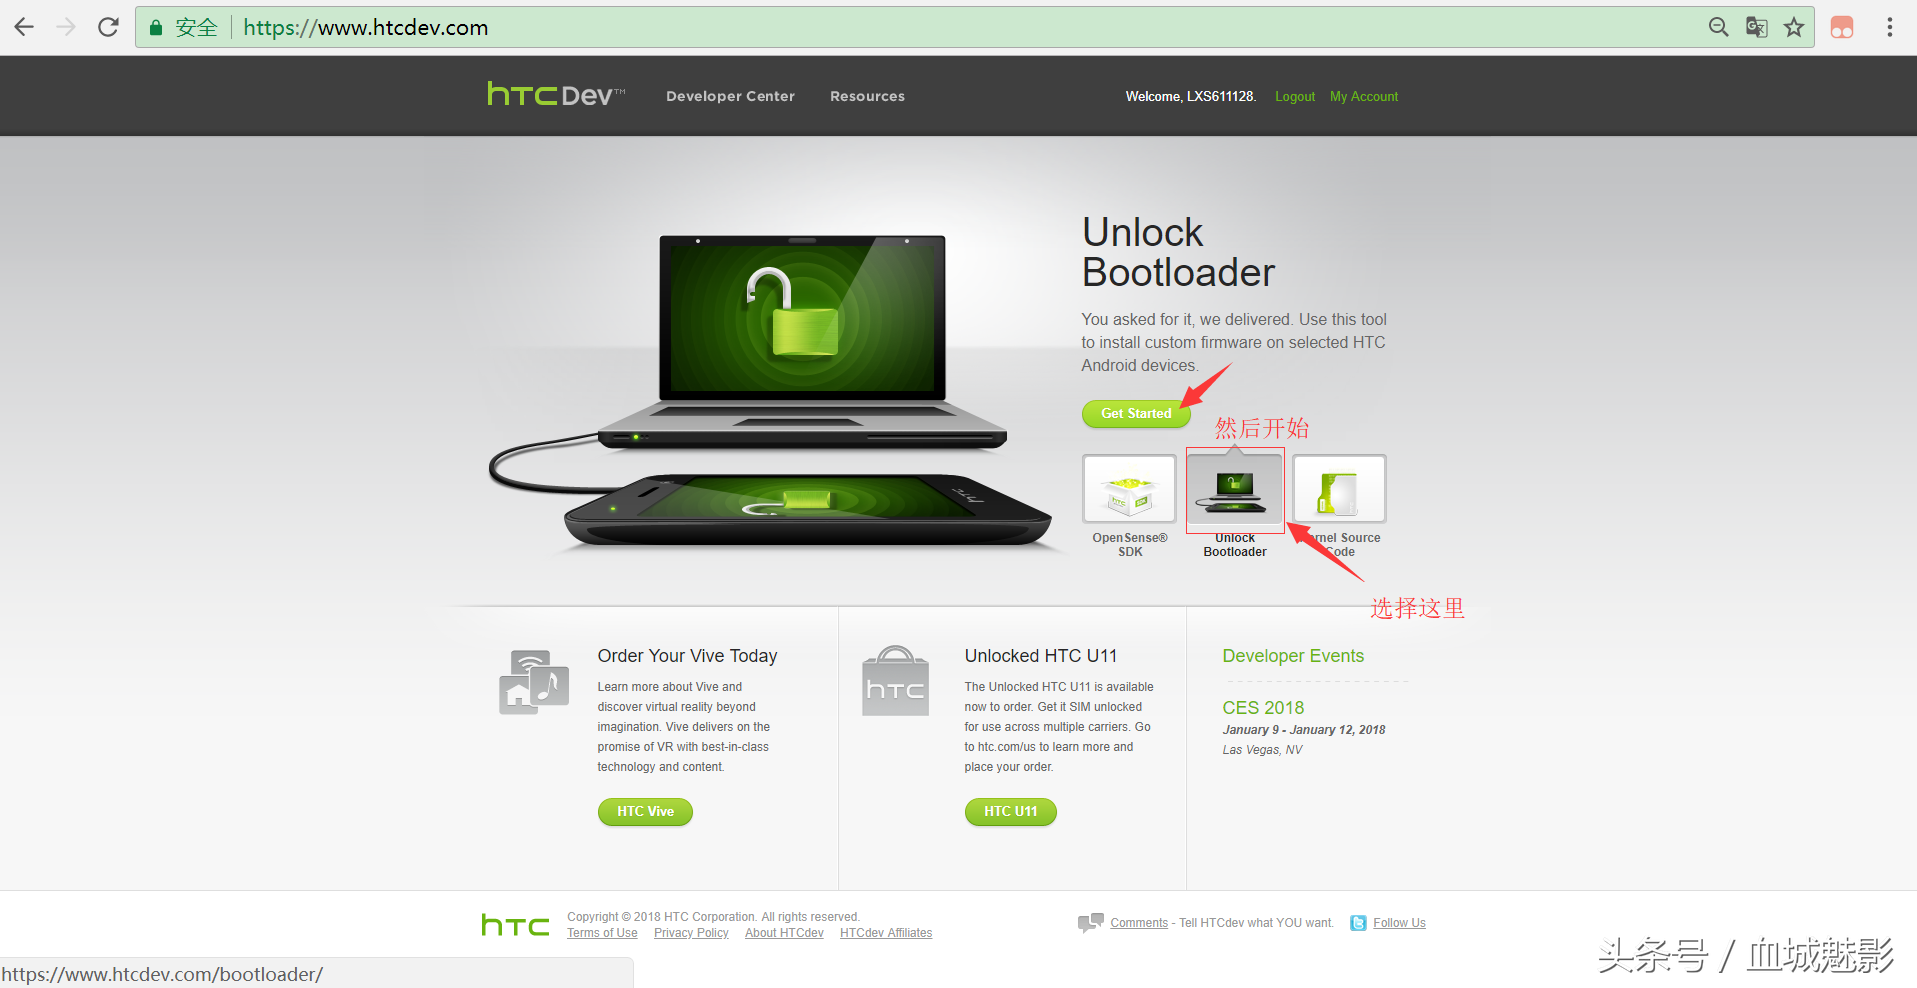 留念我将远去的一键刷机时光-HTC M8官解实例教程